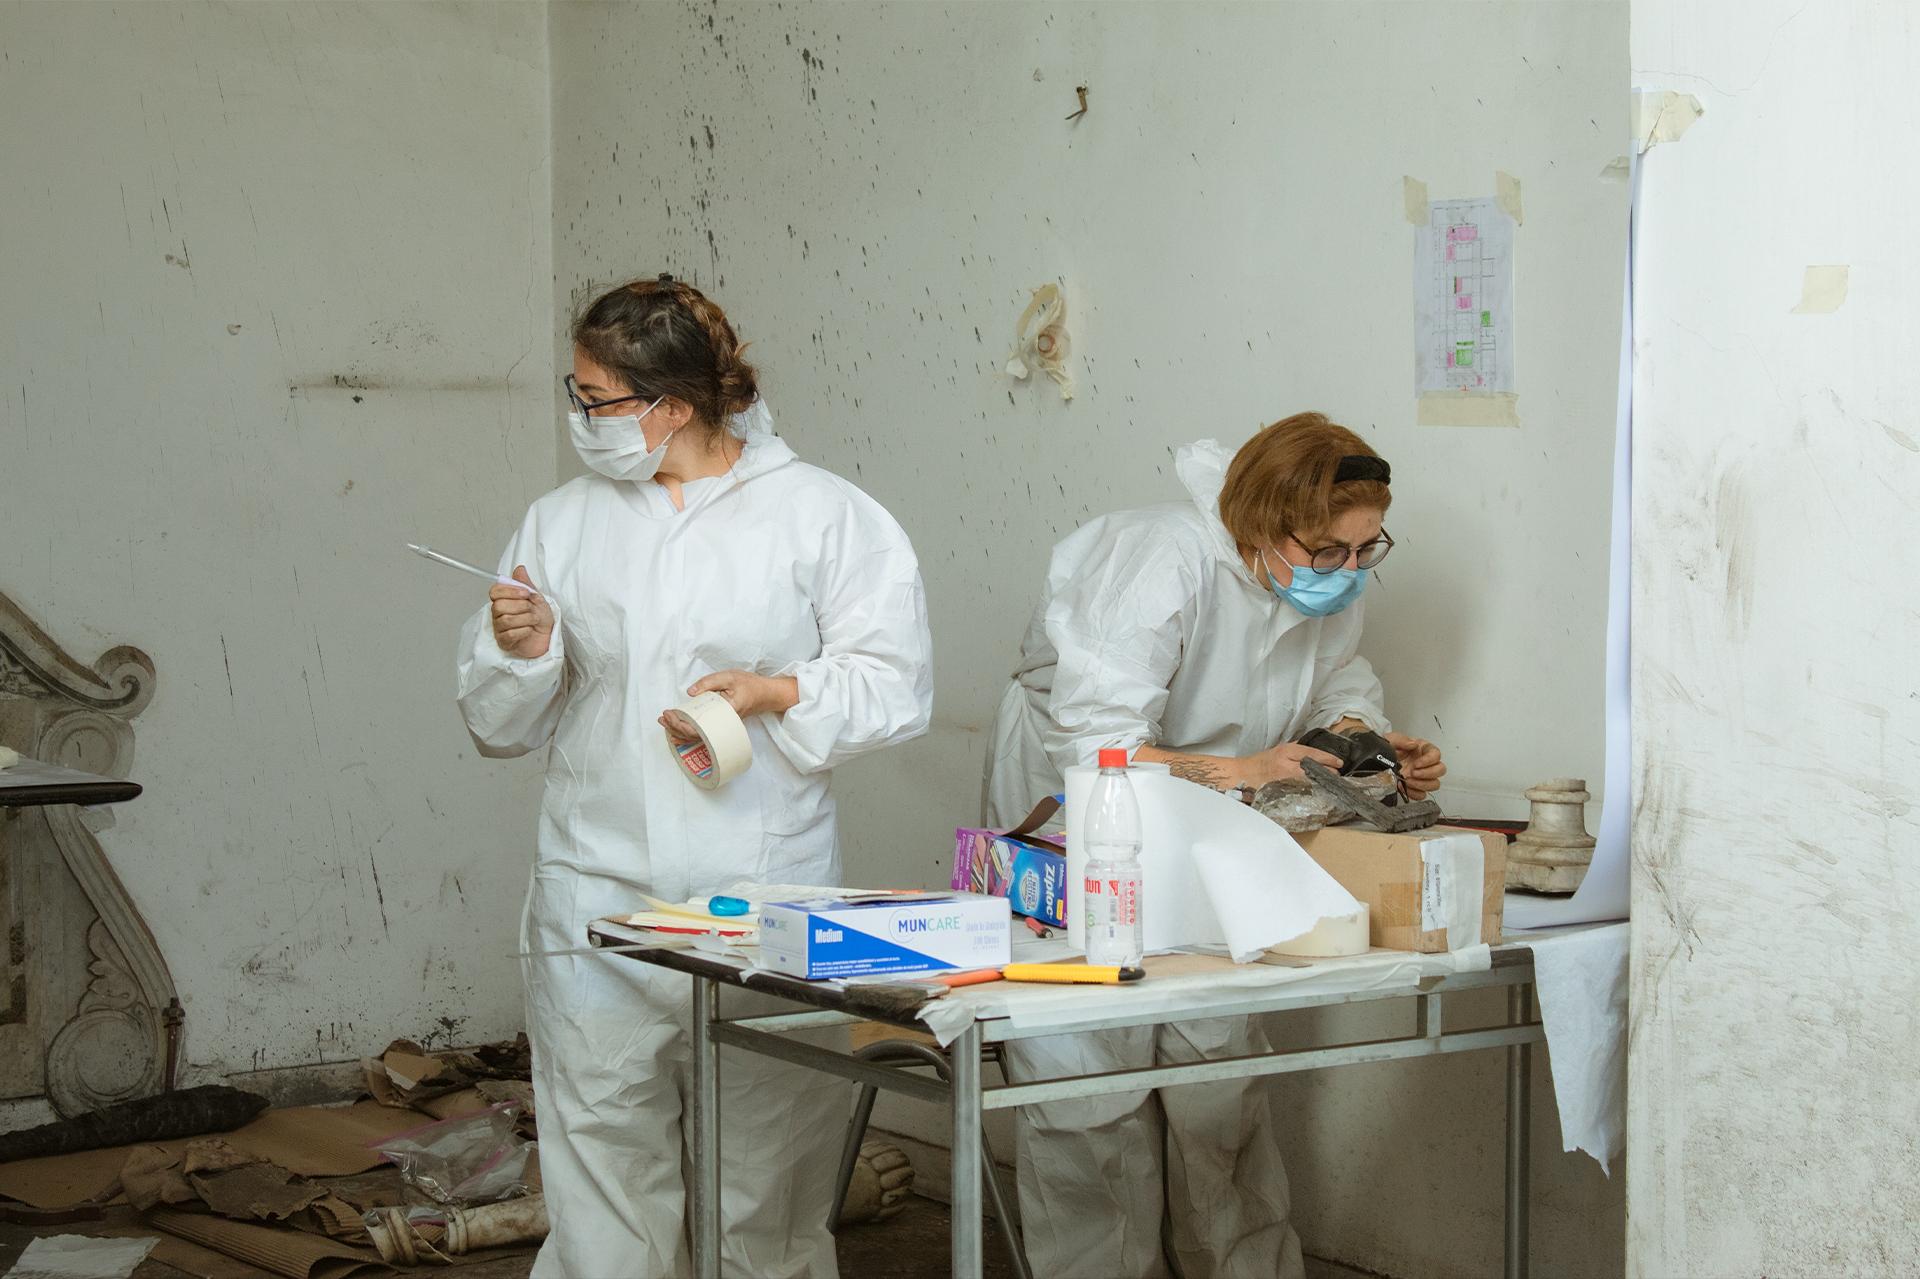 Chile: Un grupo de jóvenes ayudan a reconstruir una Iglesia vandalizada